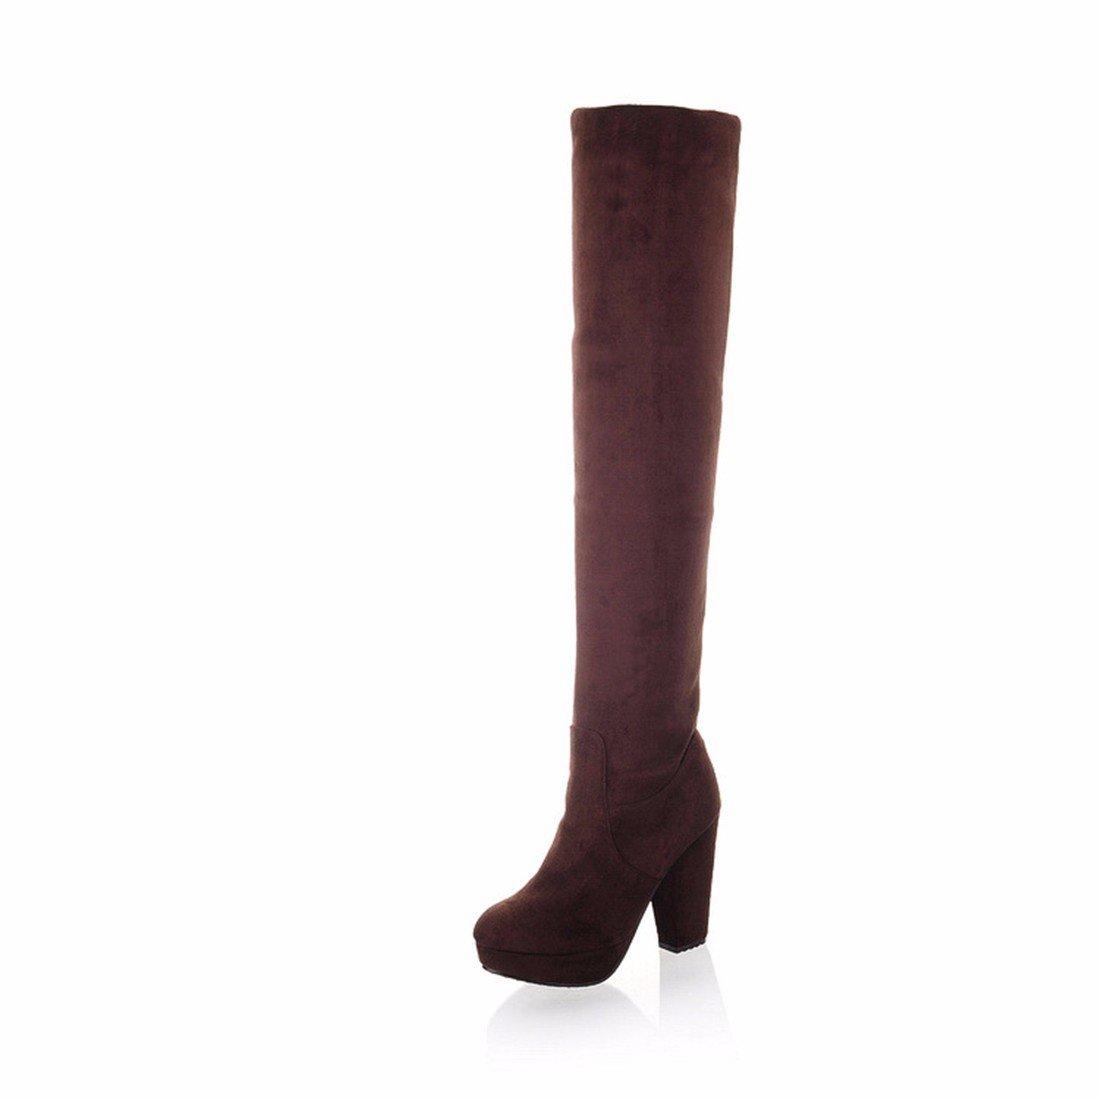 AIKAKA Frauen Herbst und Winter Europa und Amerika Amerika Amerika Sexy warme Overknee Stiefel High Heel Schuhe Ritter Stiefel 7780b7